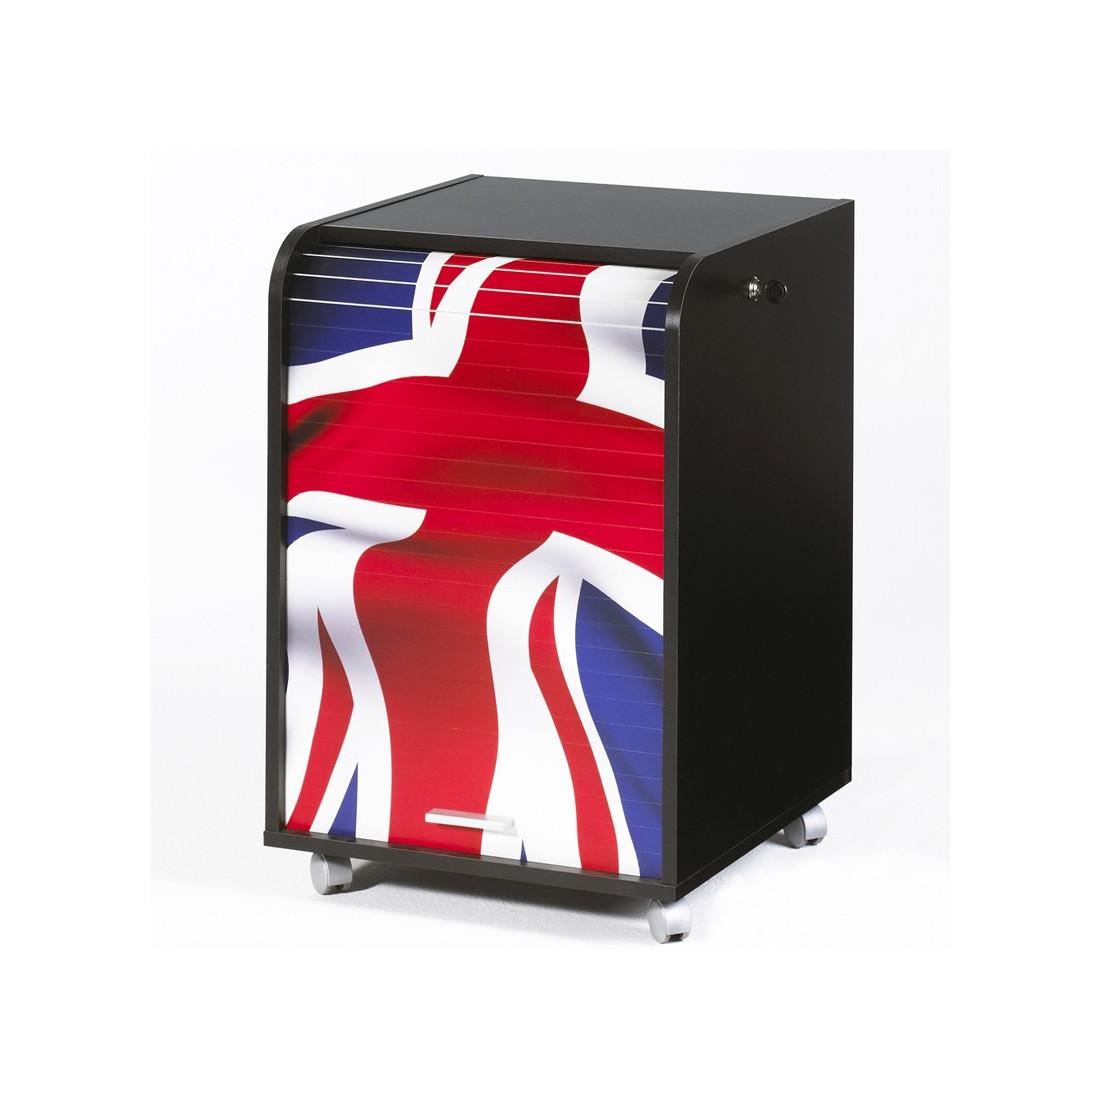 caisson noir roulettes rideau n 5 taille s carou univers du bureau. Black Bedroom Furniture Sets. Home Design Ideas